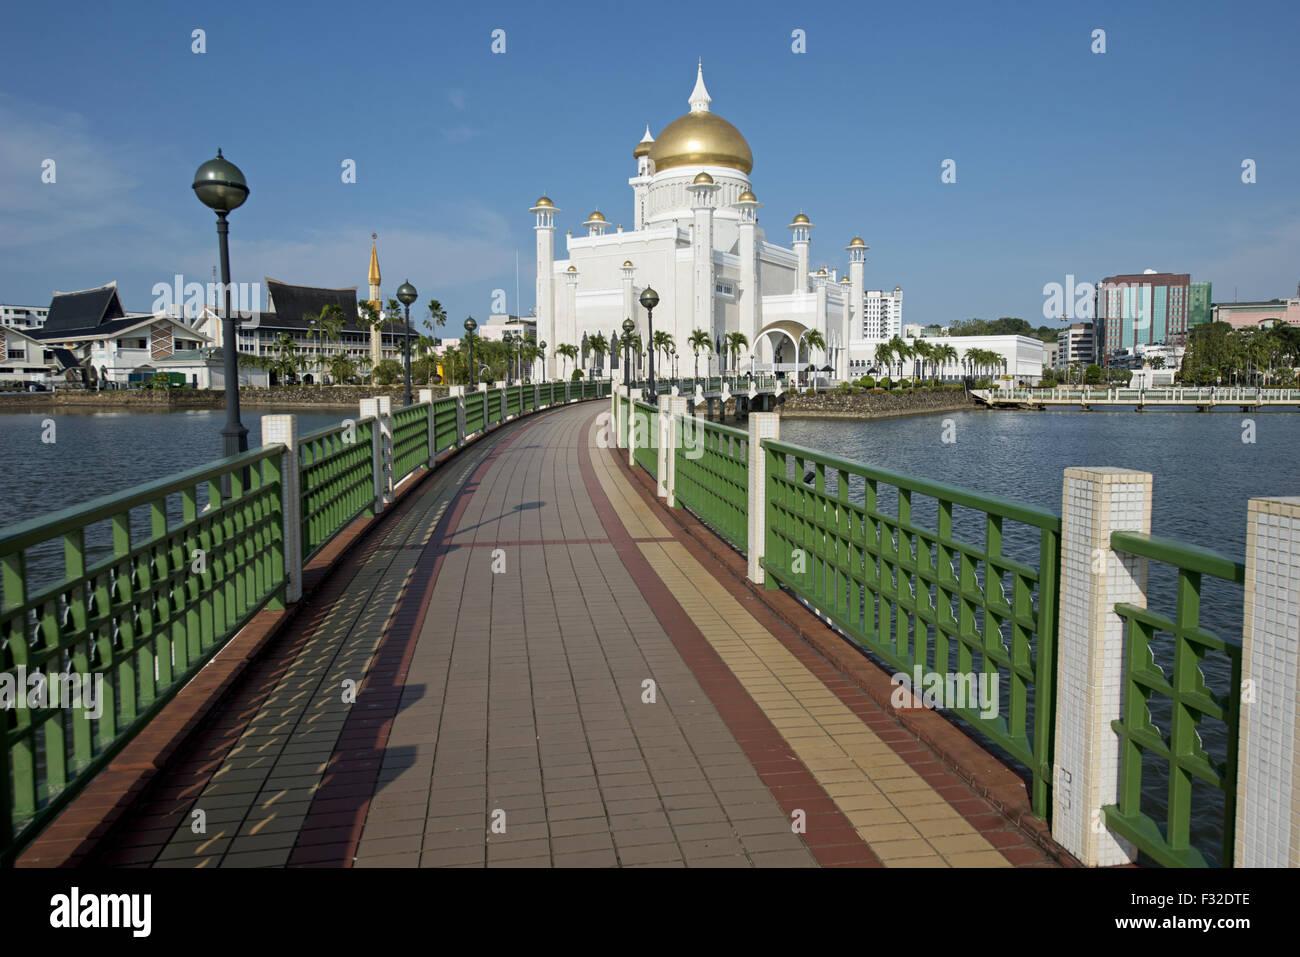 Vista della passerella su laguna artificiale verso la moschea con cupola in oro e marmo minerets, Sultan Moschea Immagini Stock